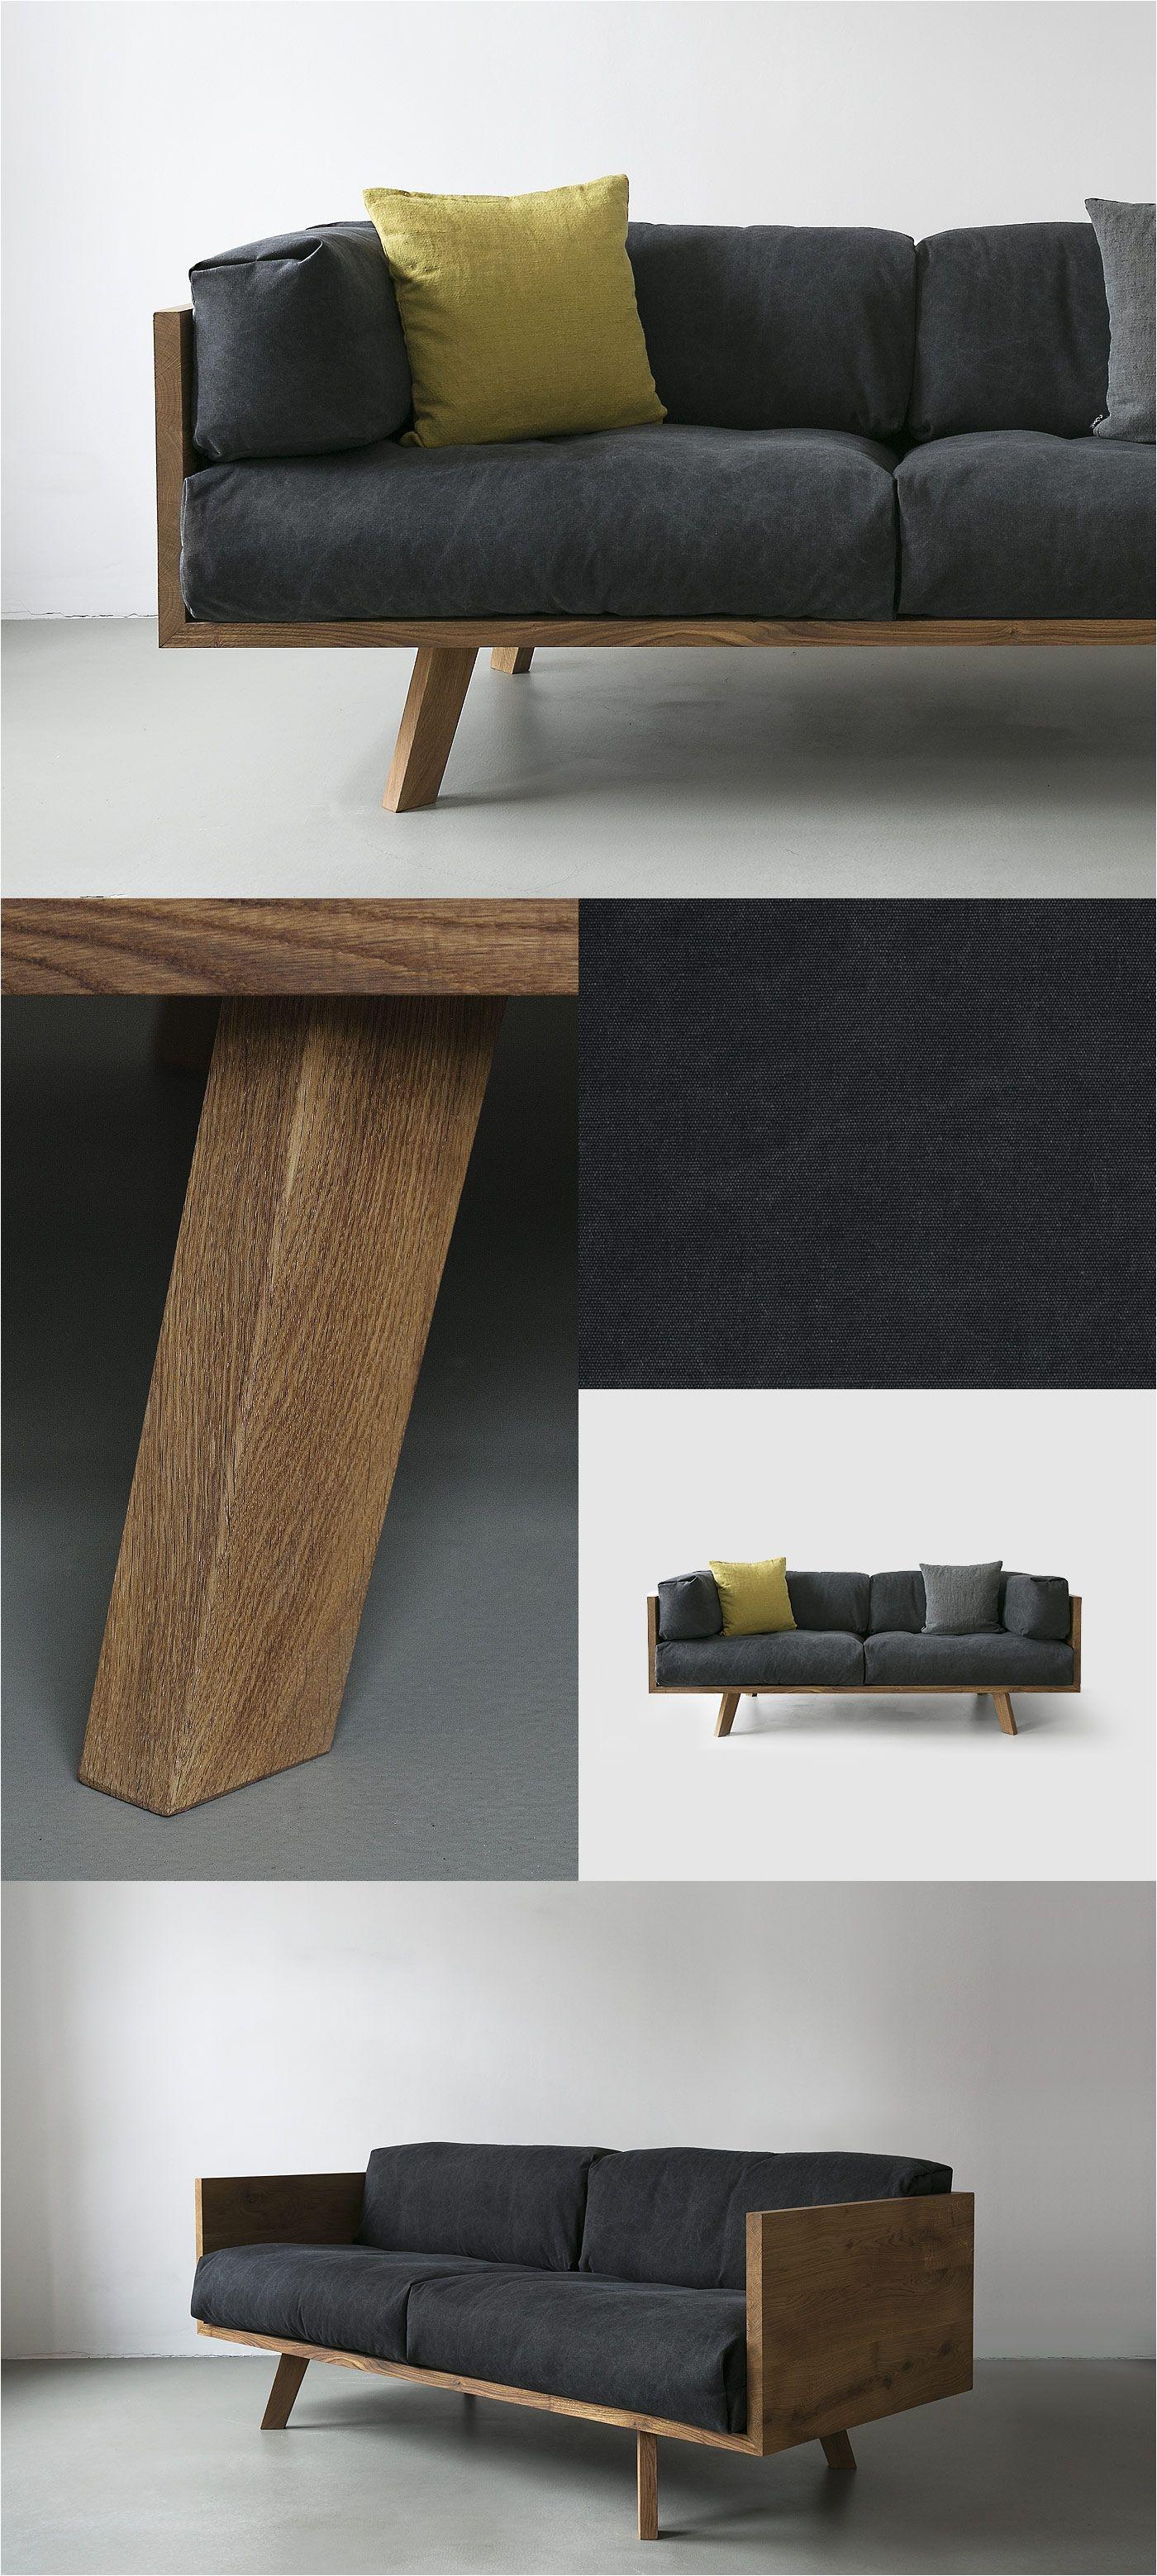 diy furniture i ma¶bel selber bauen i couch sofa daybed i inspiration i nutsandwoods oak linen sofa